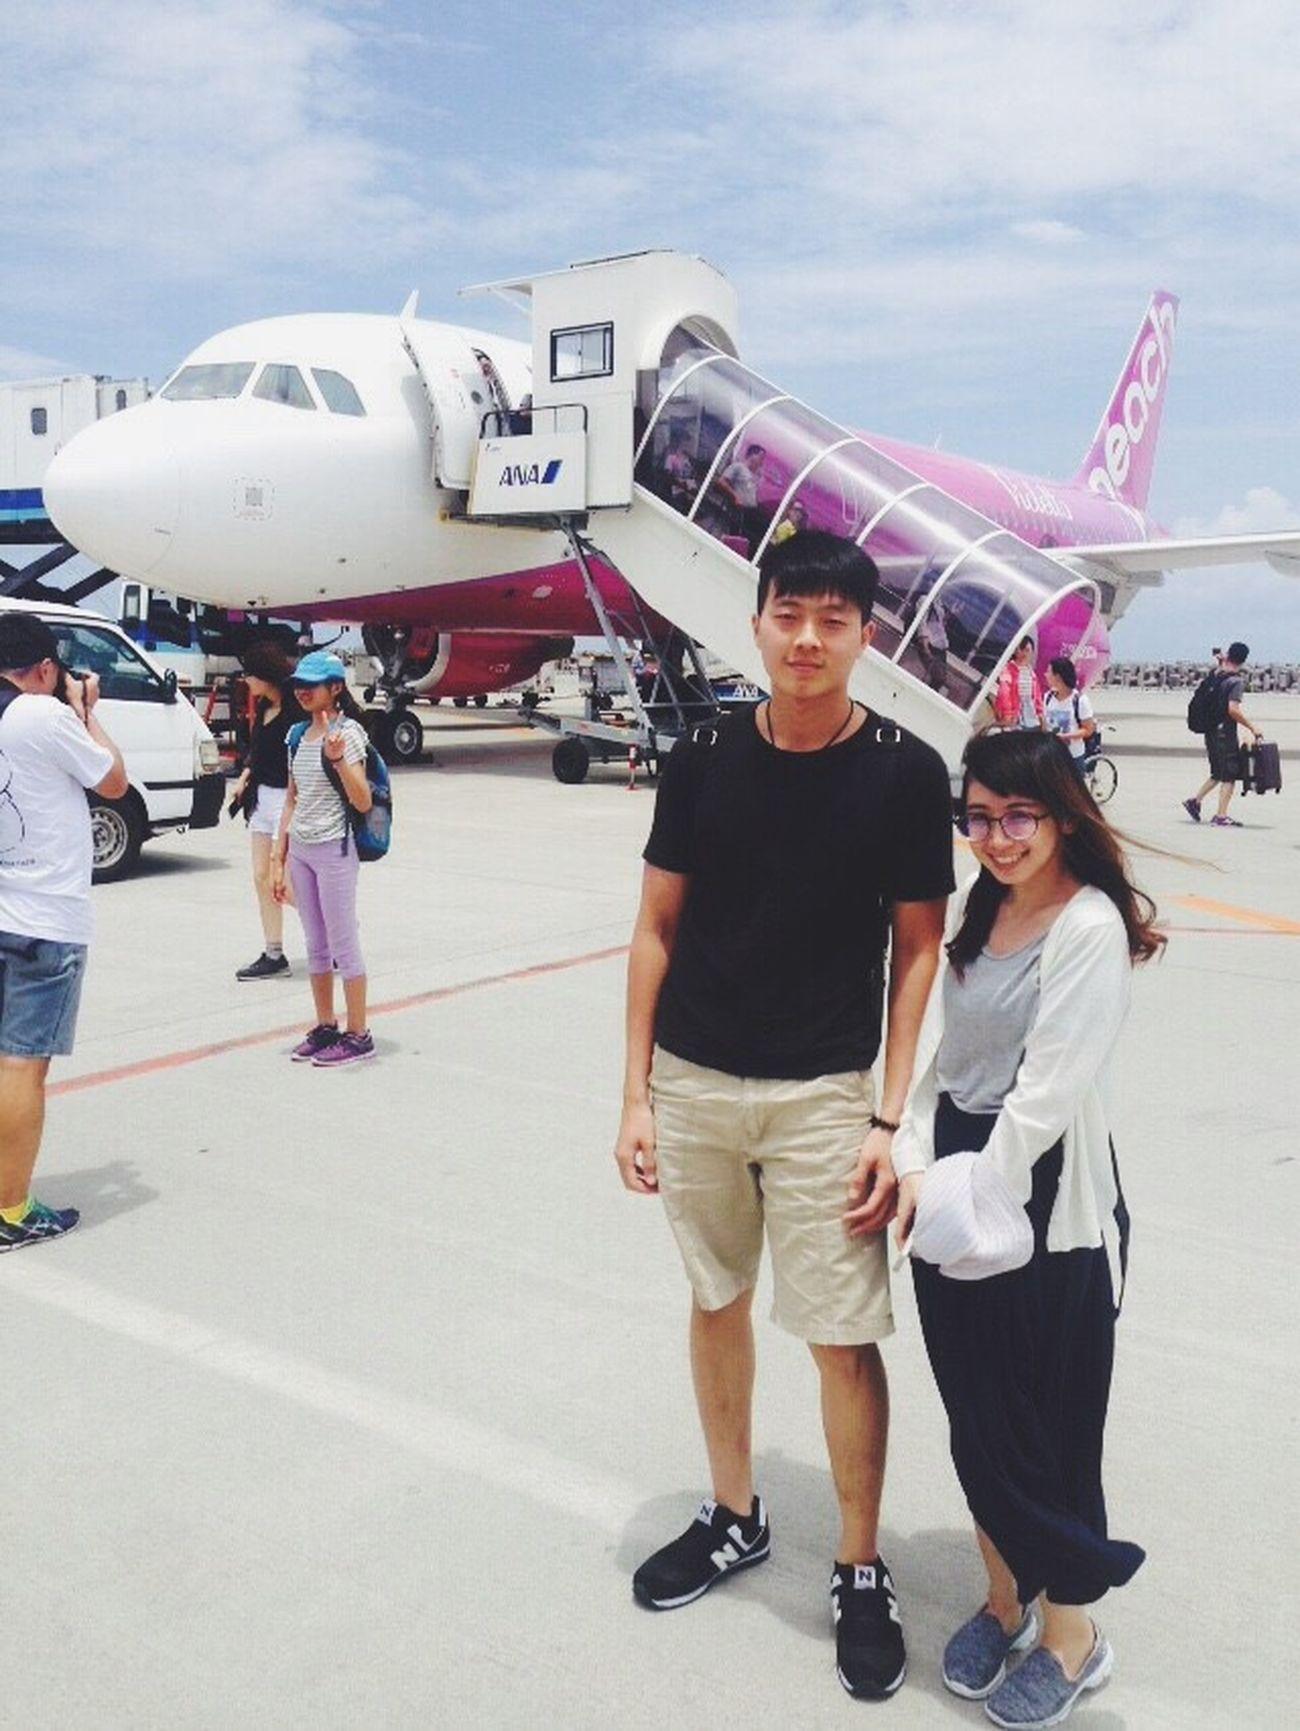 第一次搭廉價航空自助旅行~樂桃飛機好可愛✈️なはしOkinawa ~ OKINAWA, JAPAN Travel Hello World Travel